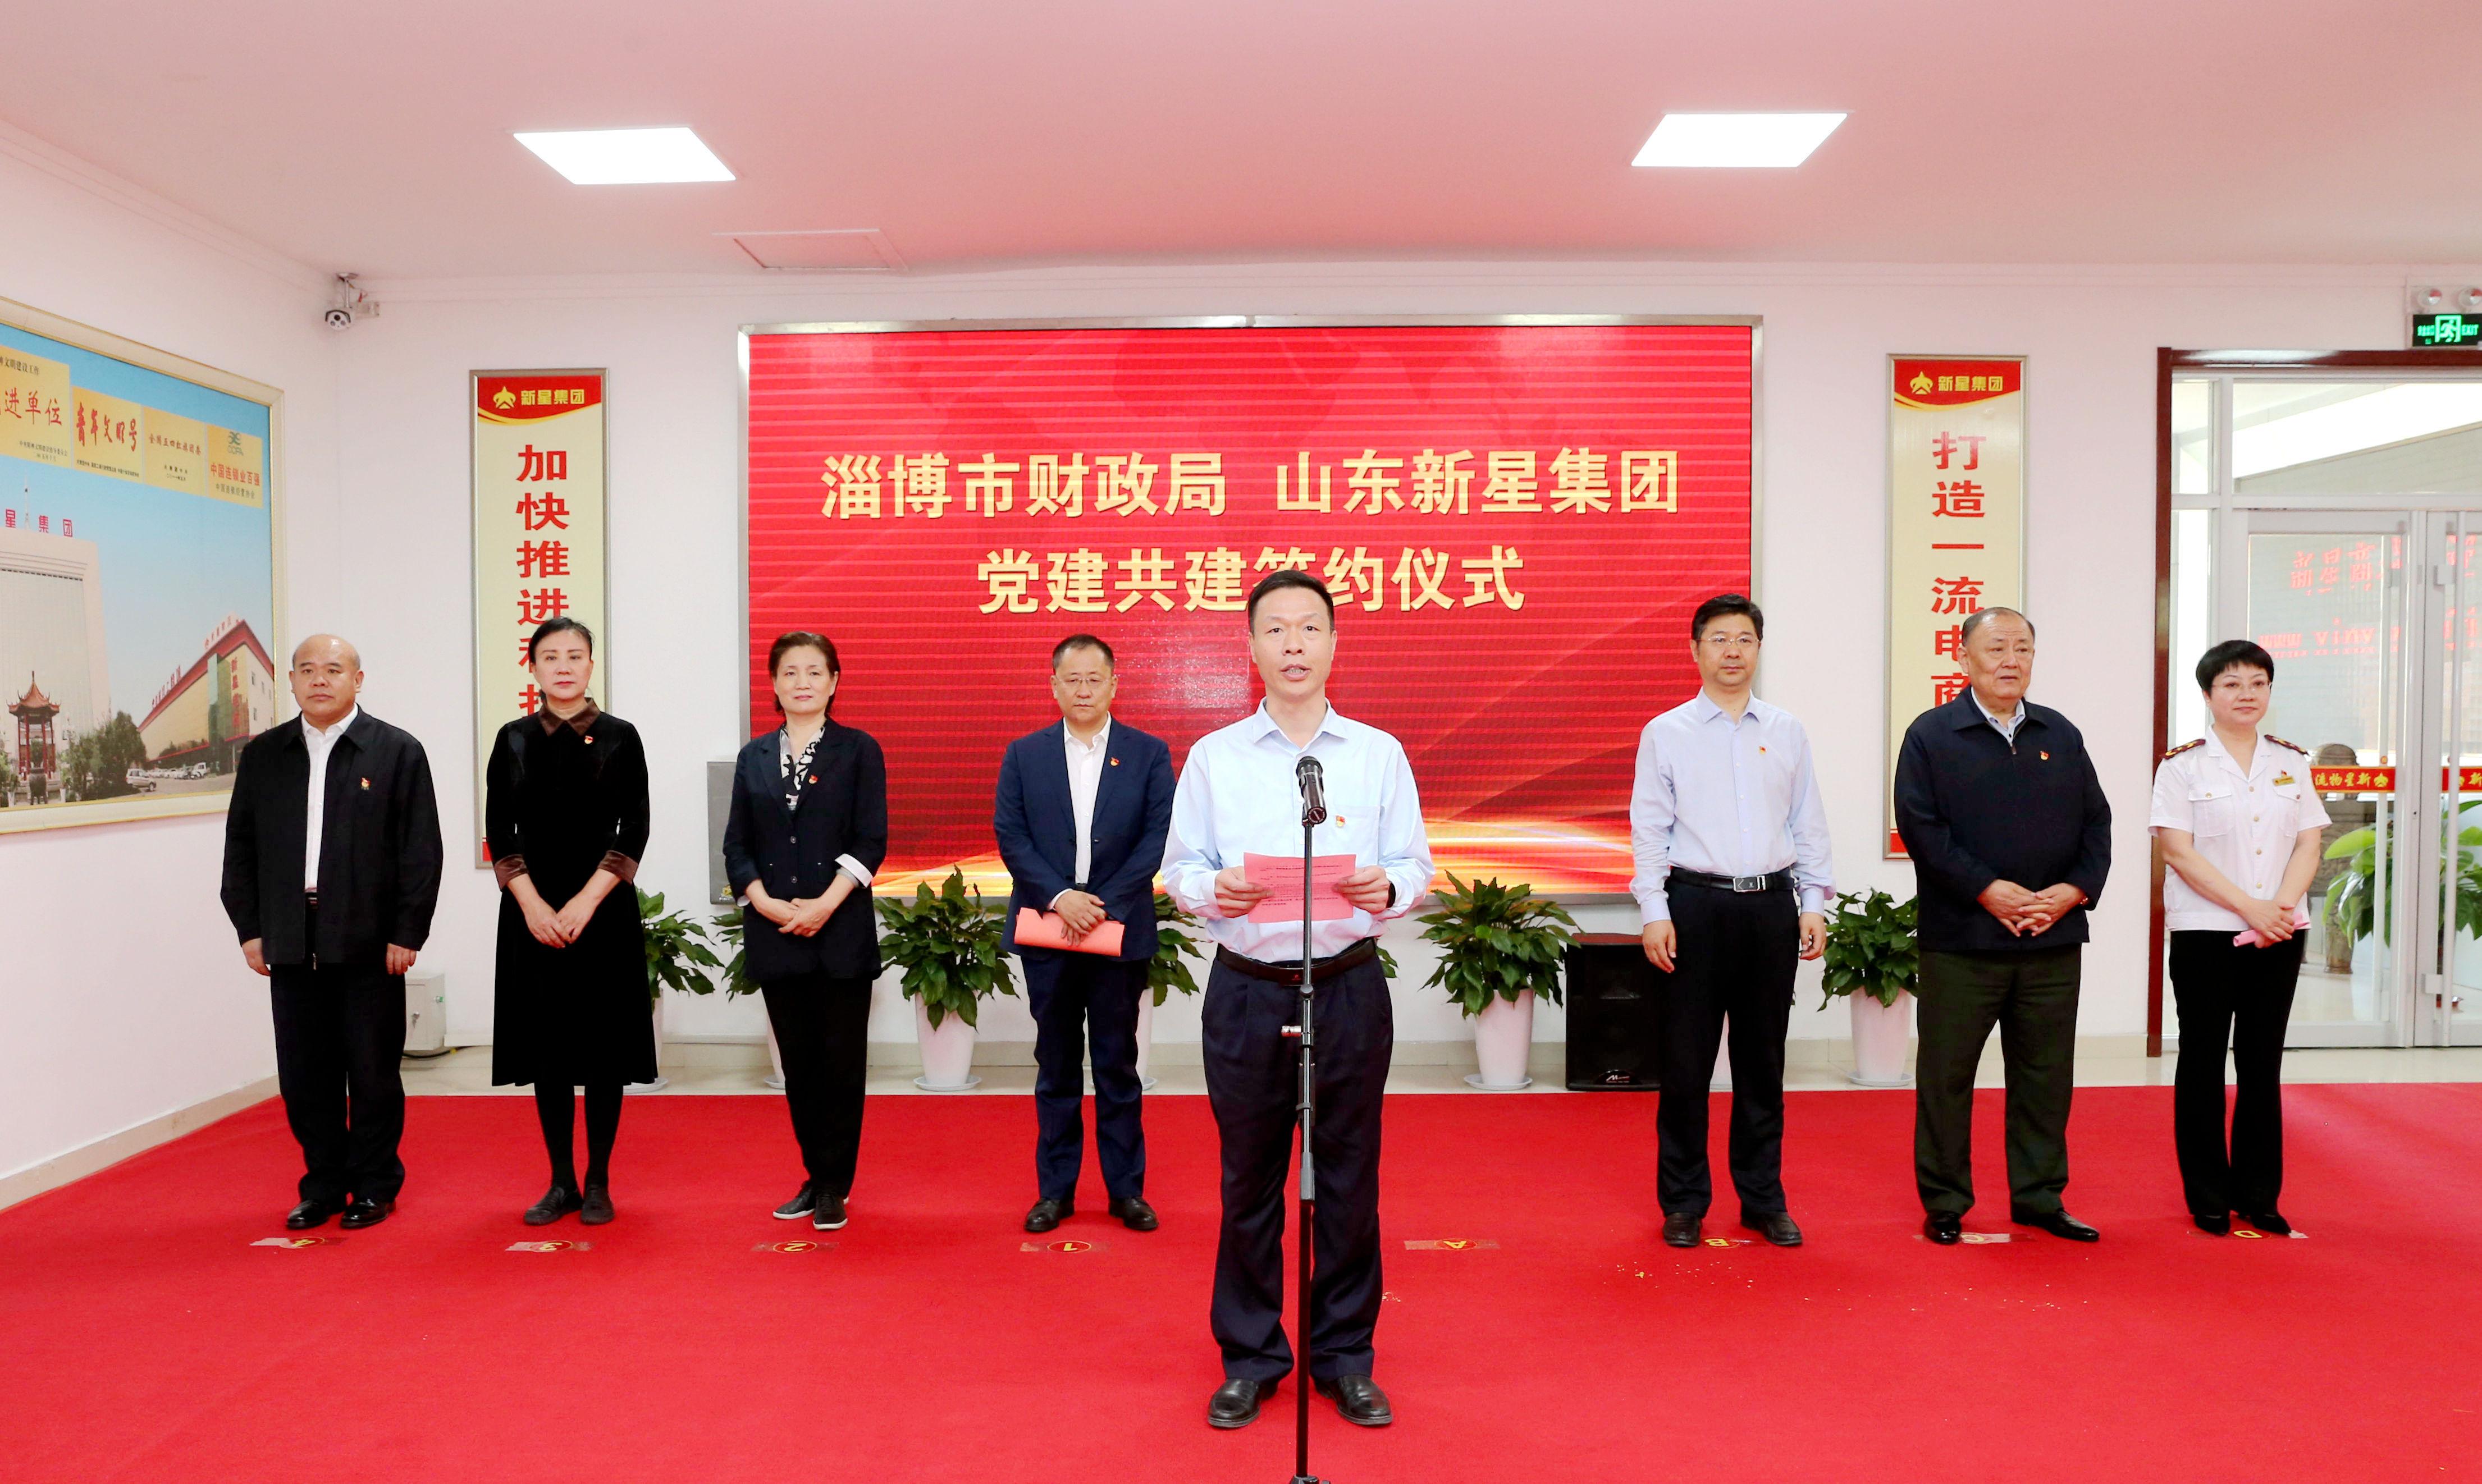 淄博市財政局?山東新星集團舉行黨建共建簽約儀式